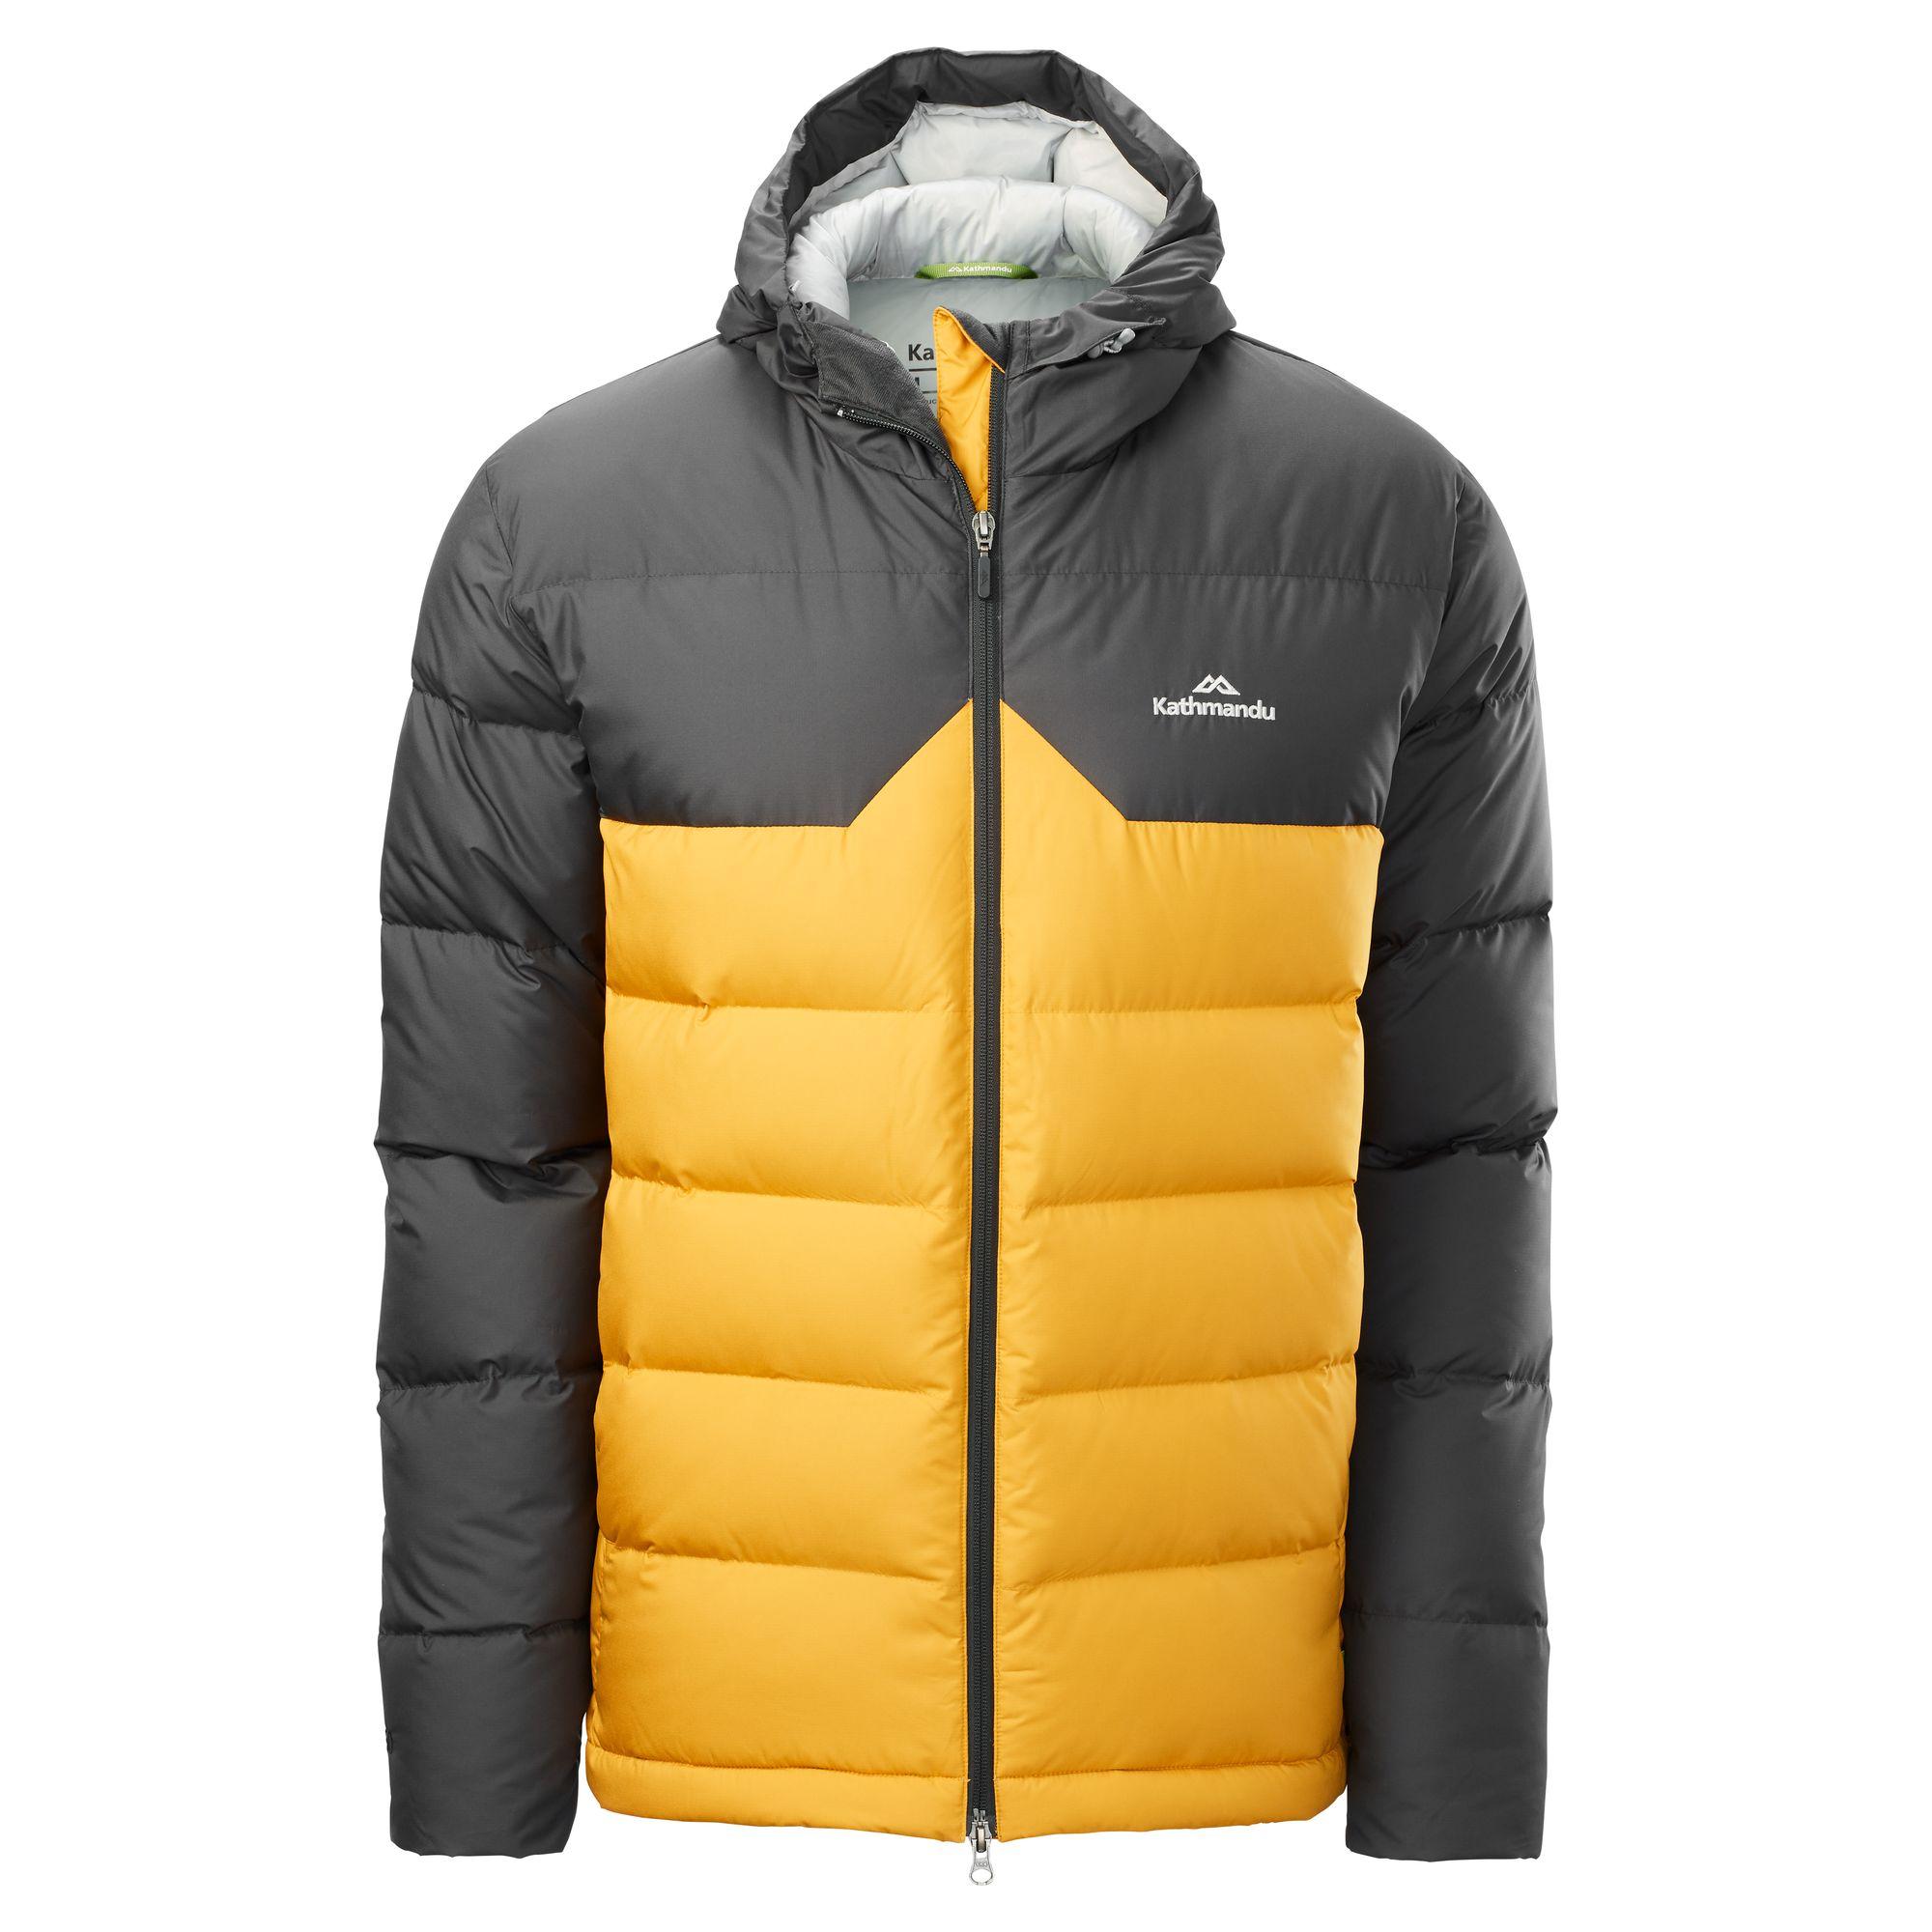 Kathmandu jacket.jpg